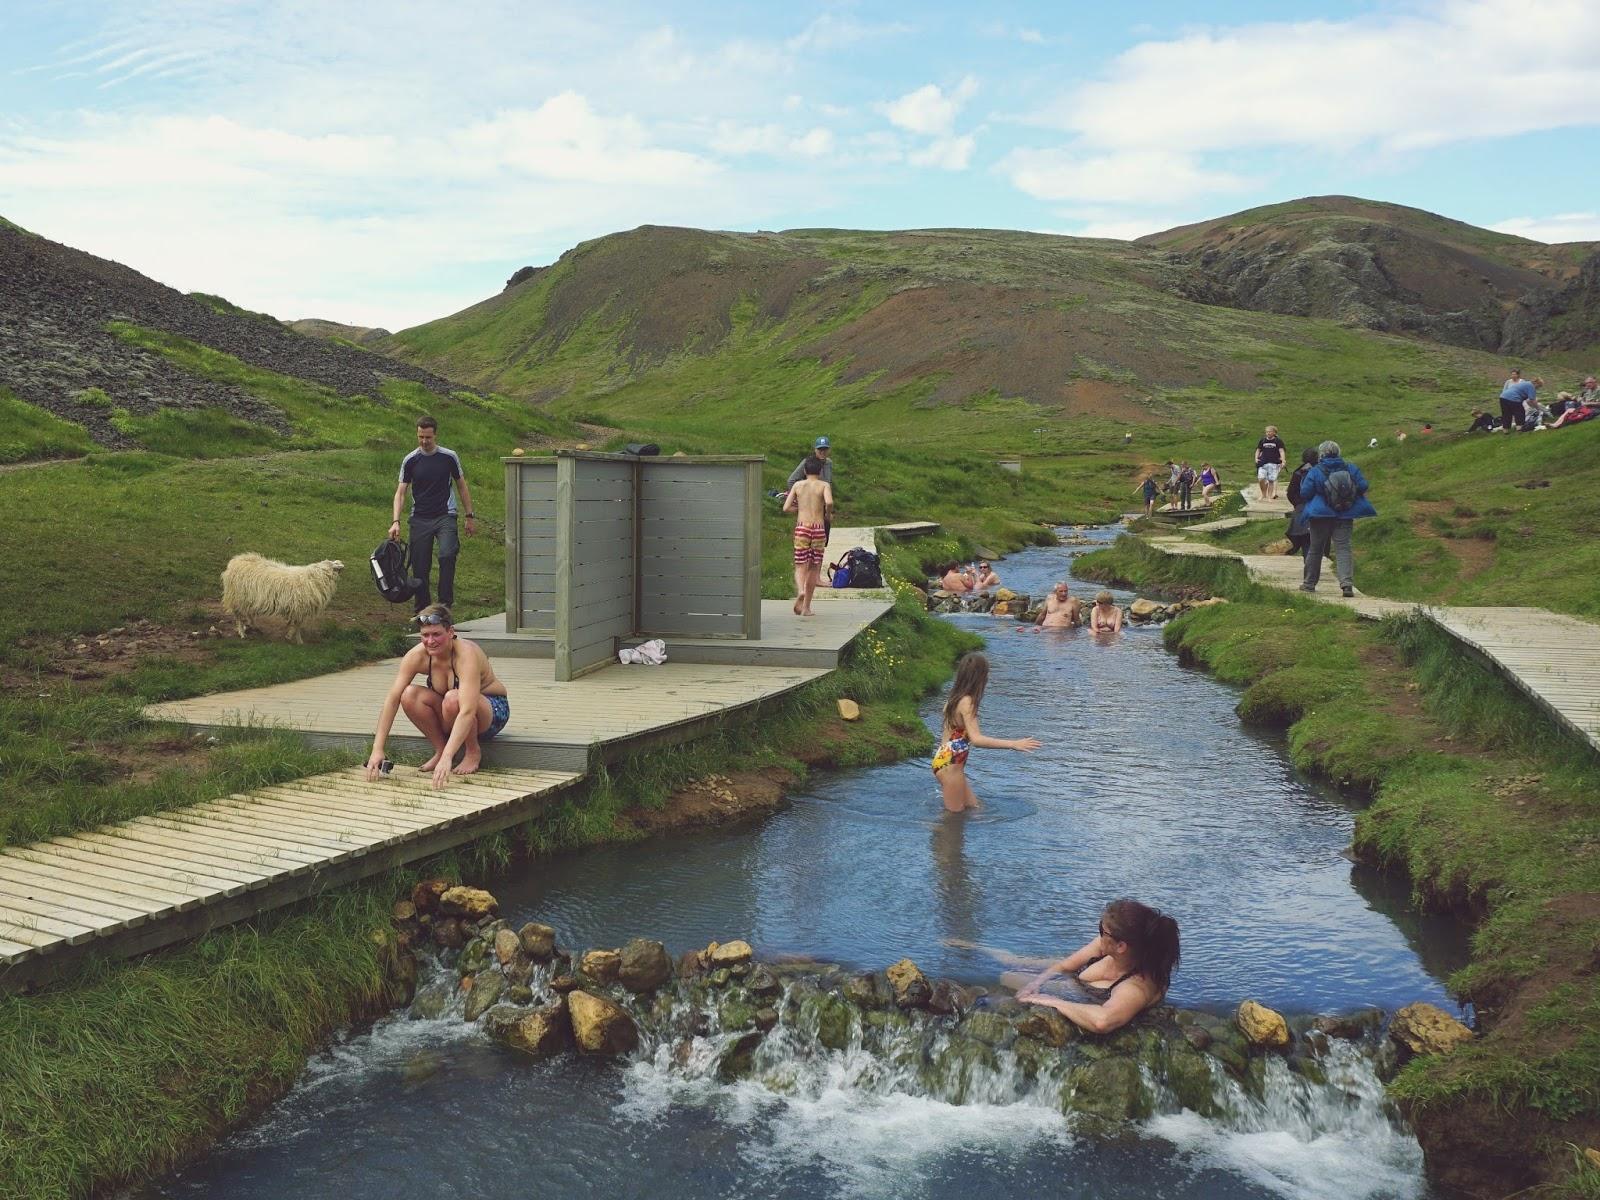 Gorąca rzeka w Reykjadalur, Islandia, Południowa Islandia, panidorcia, blog, blog o Islandii, wakacje w Islandii, Islandia zwiedzanie, gorące źródła, pola geotermalne